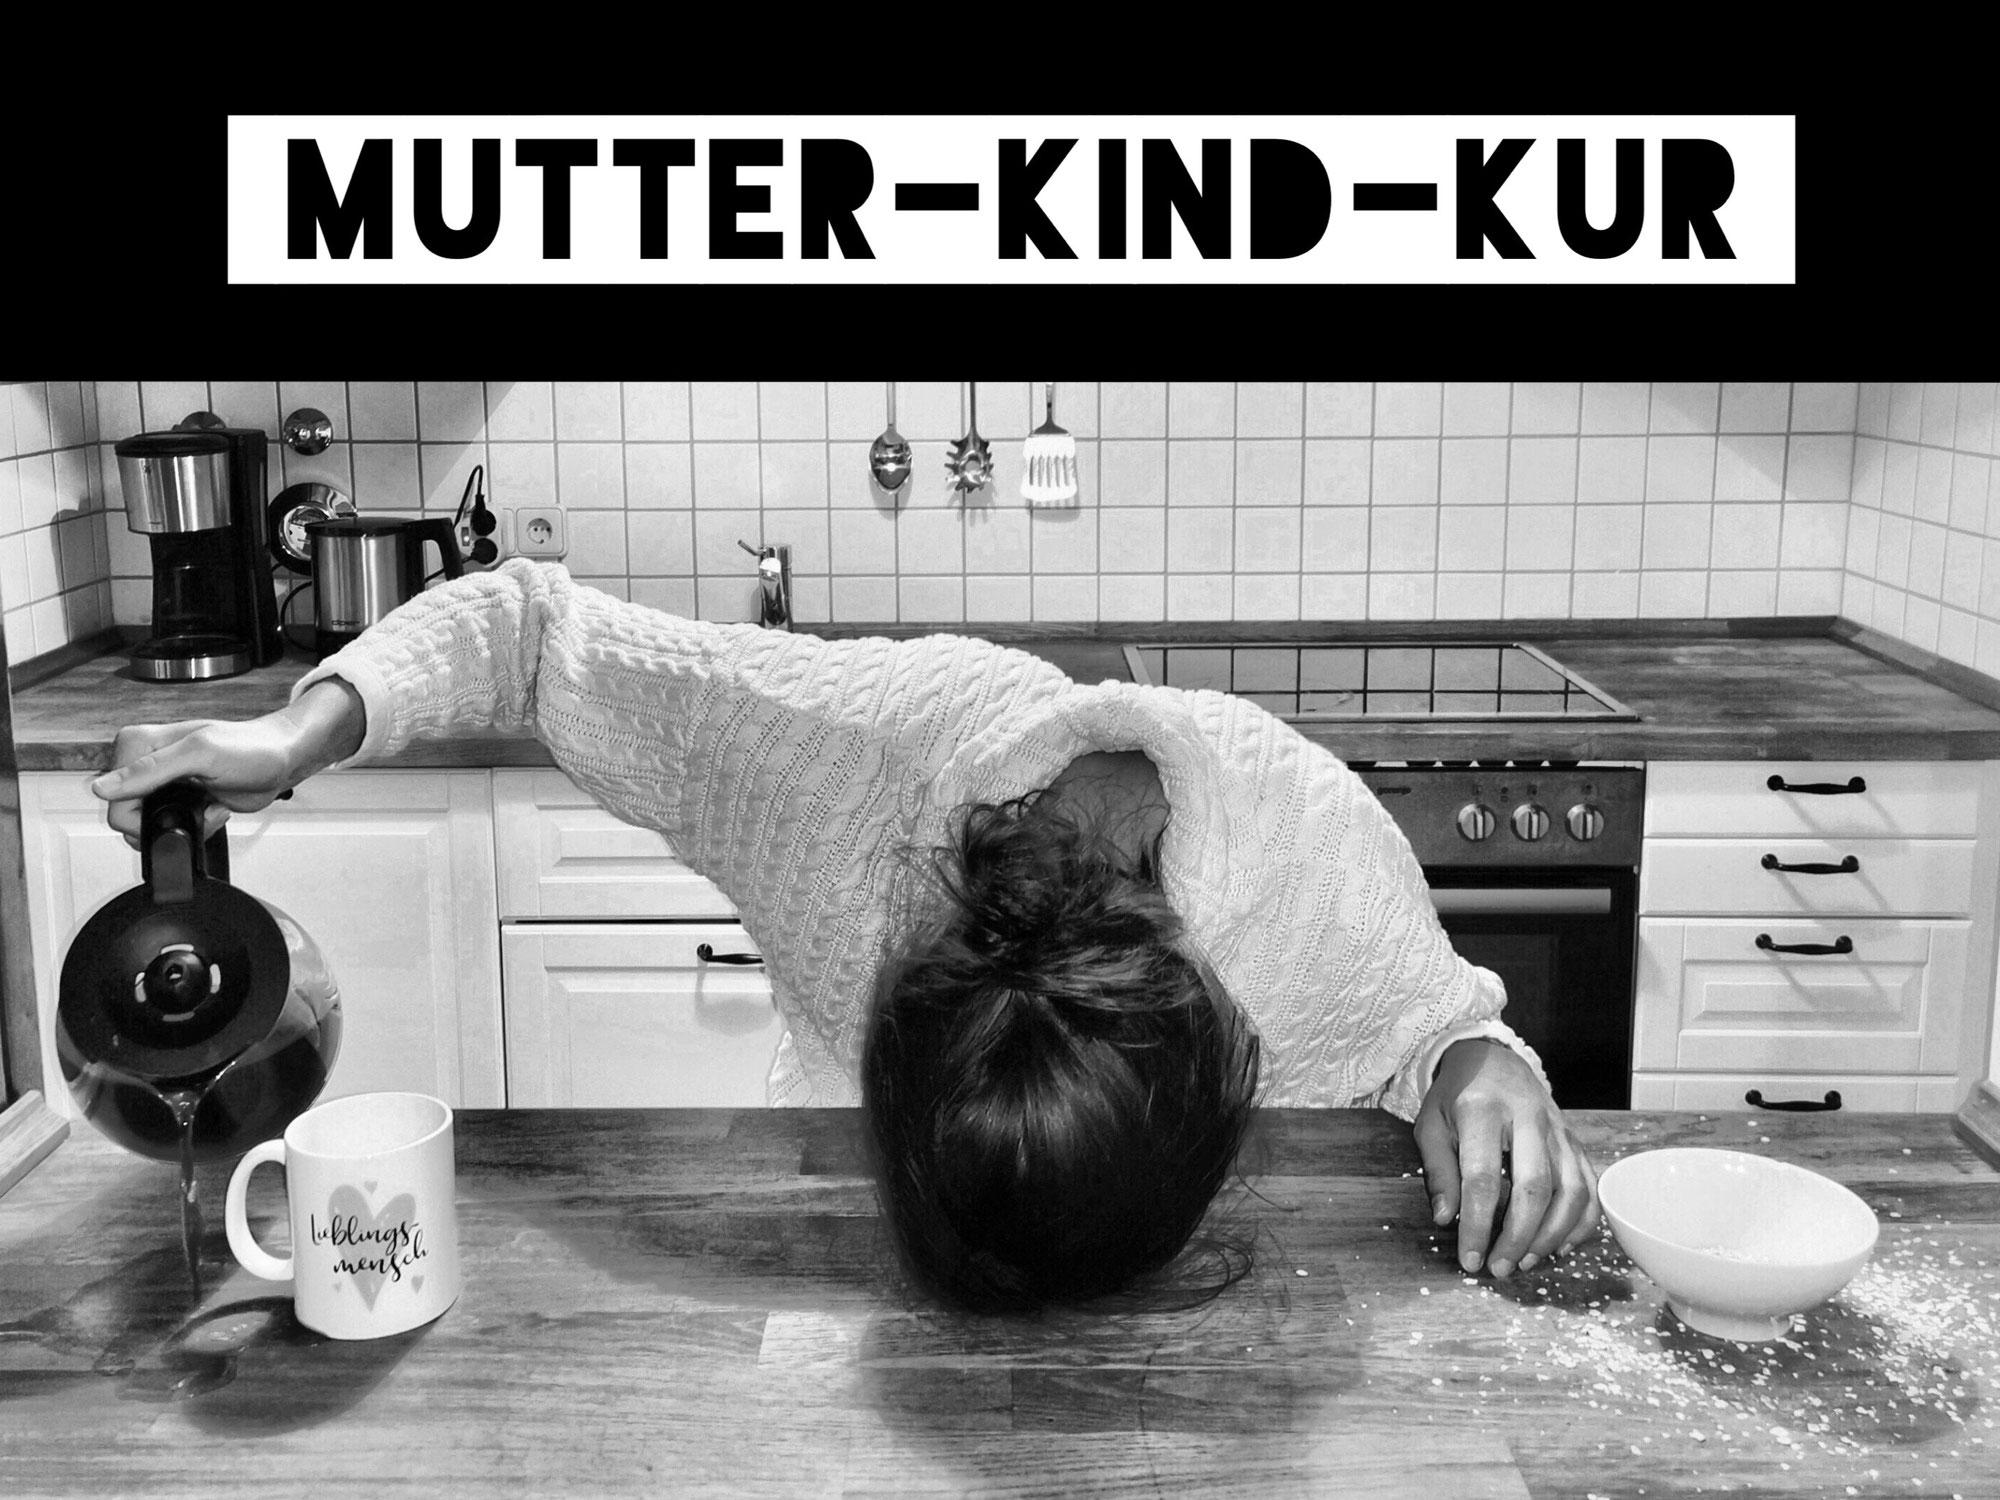 Mutter-Kind-Kur: Auch Superheld*innen sind mal müde!